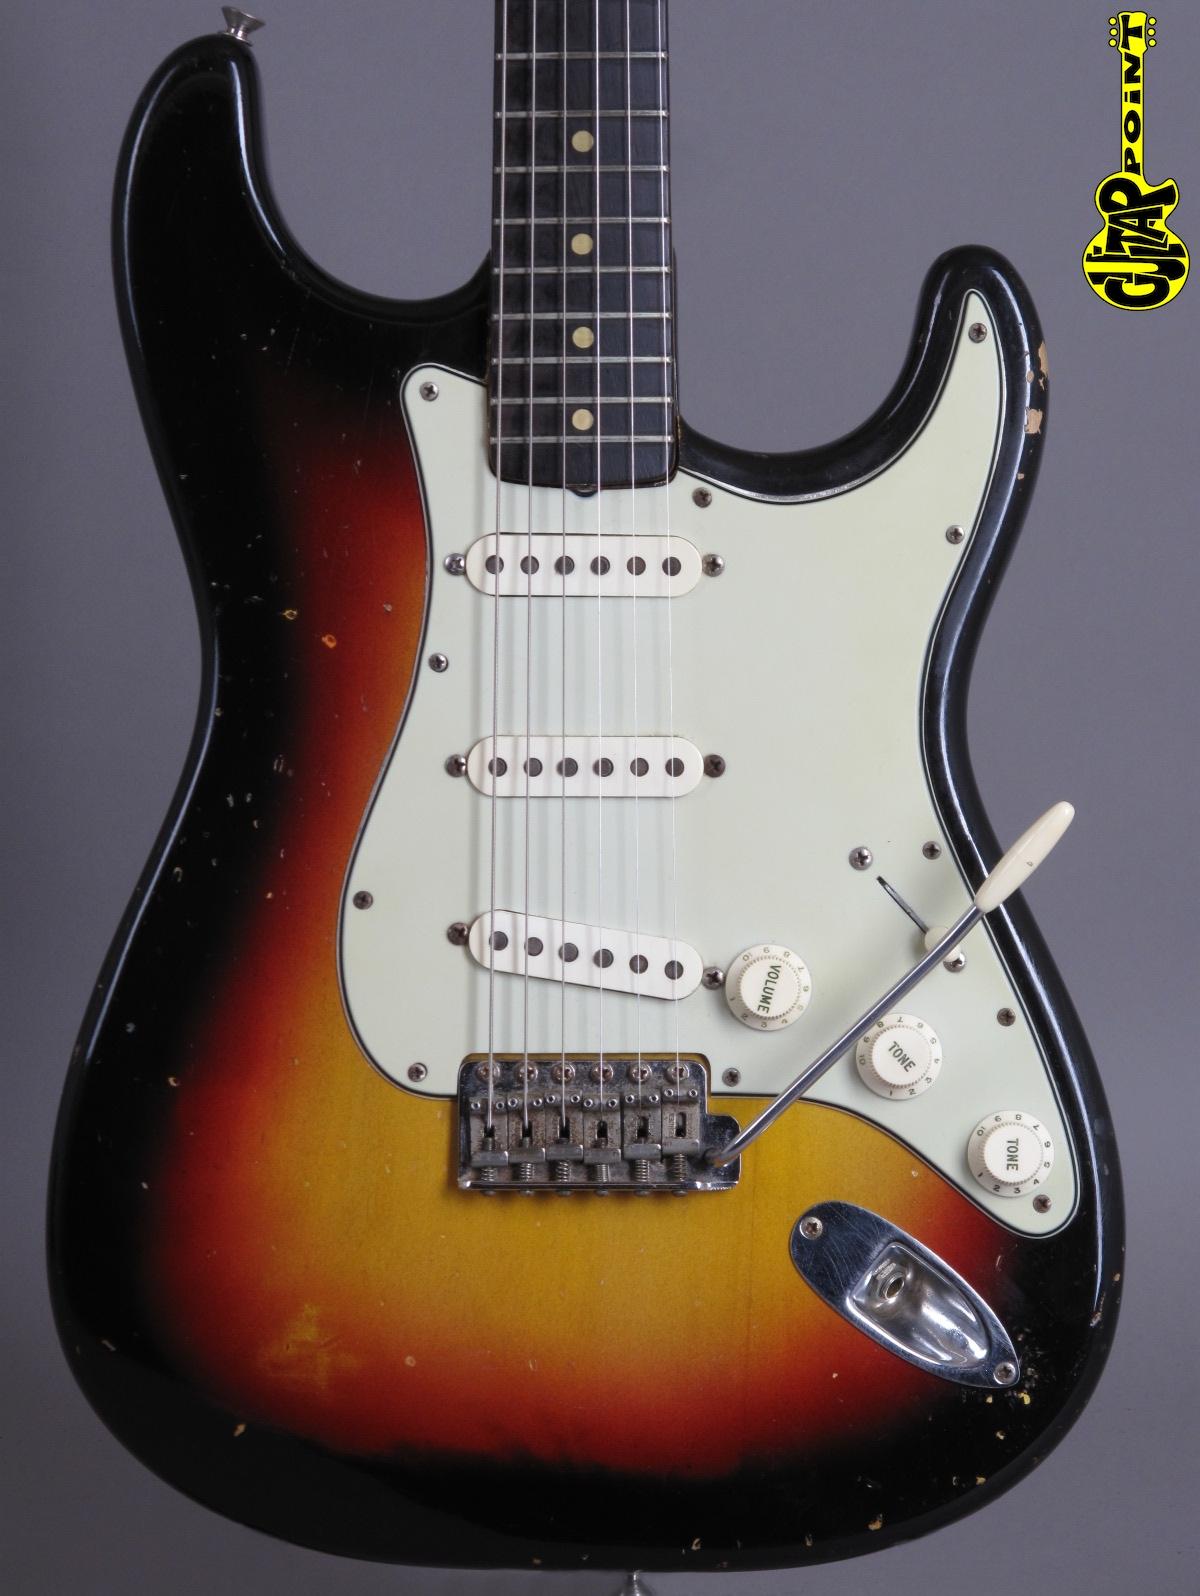 1963 Fender Stratocaster - 3-tone Sunburst